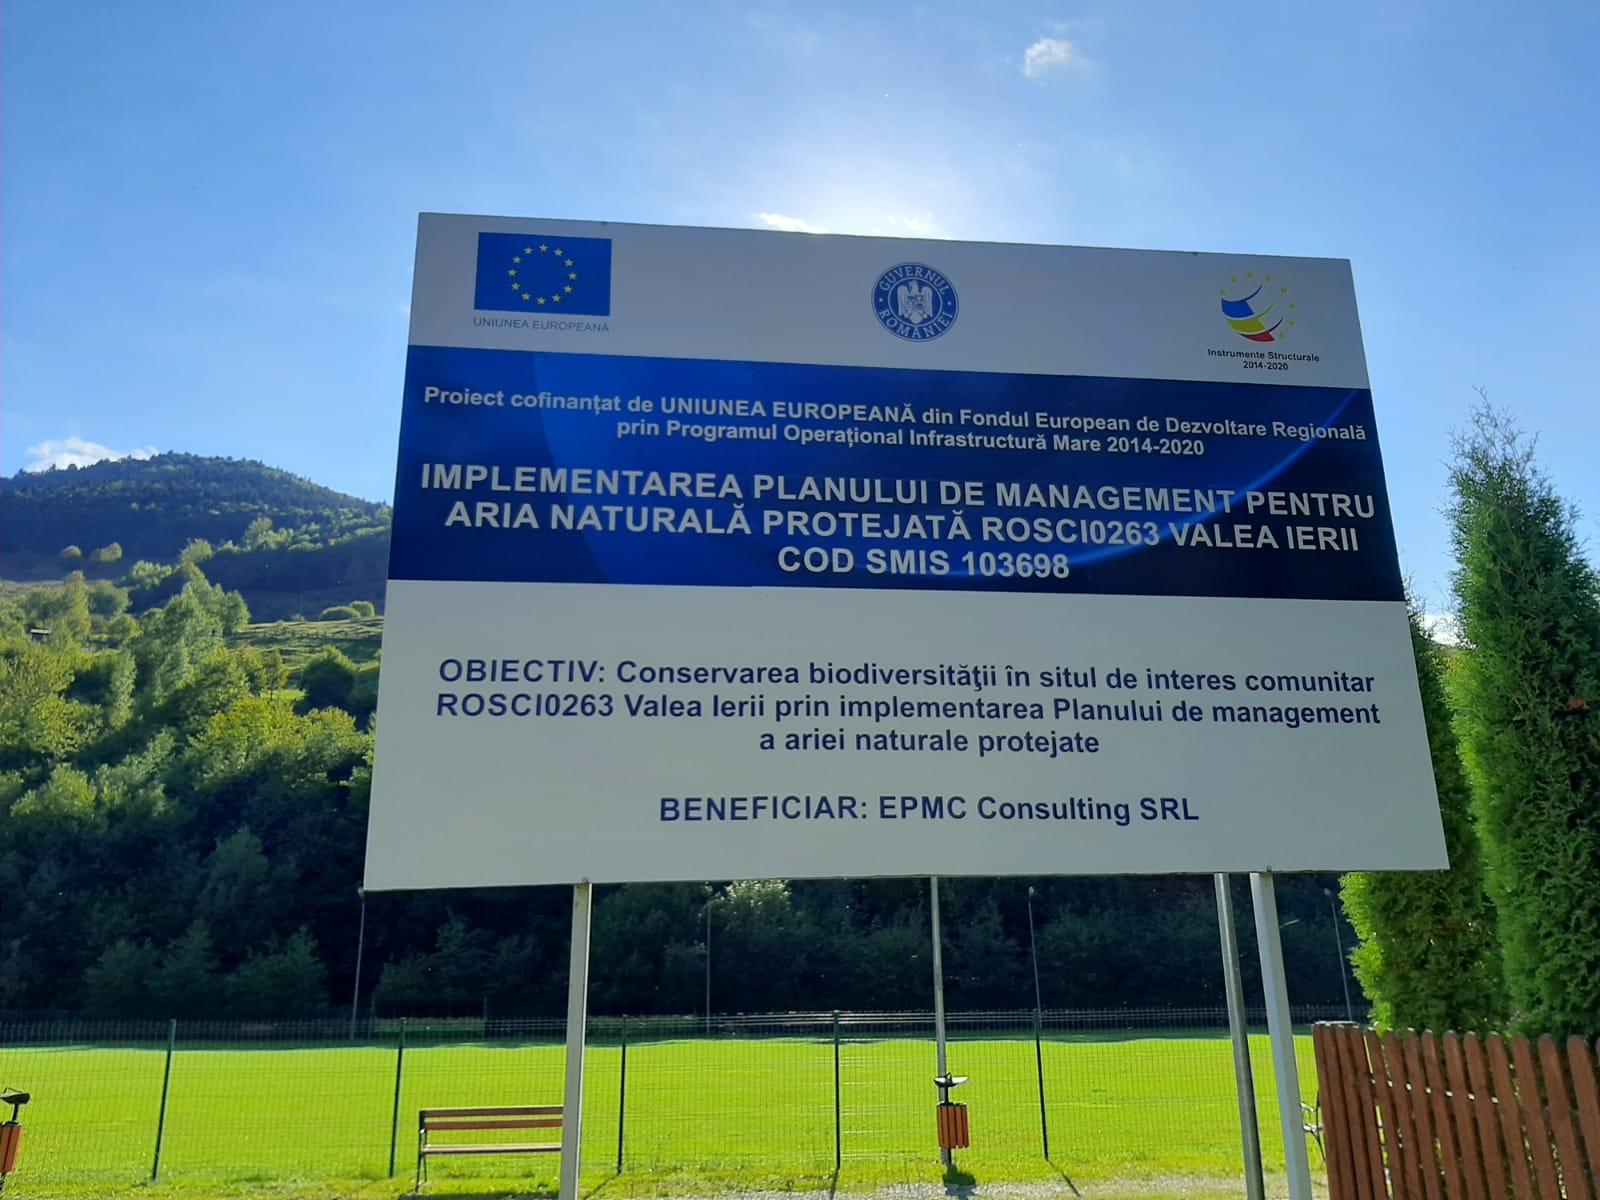 """Finalizarea proiectului cod SMIS 103698 """"Implementarea Planului de Management pentru aria naturală protejată ROSCI0263 Valea Ierii"""""""